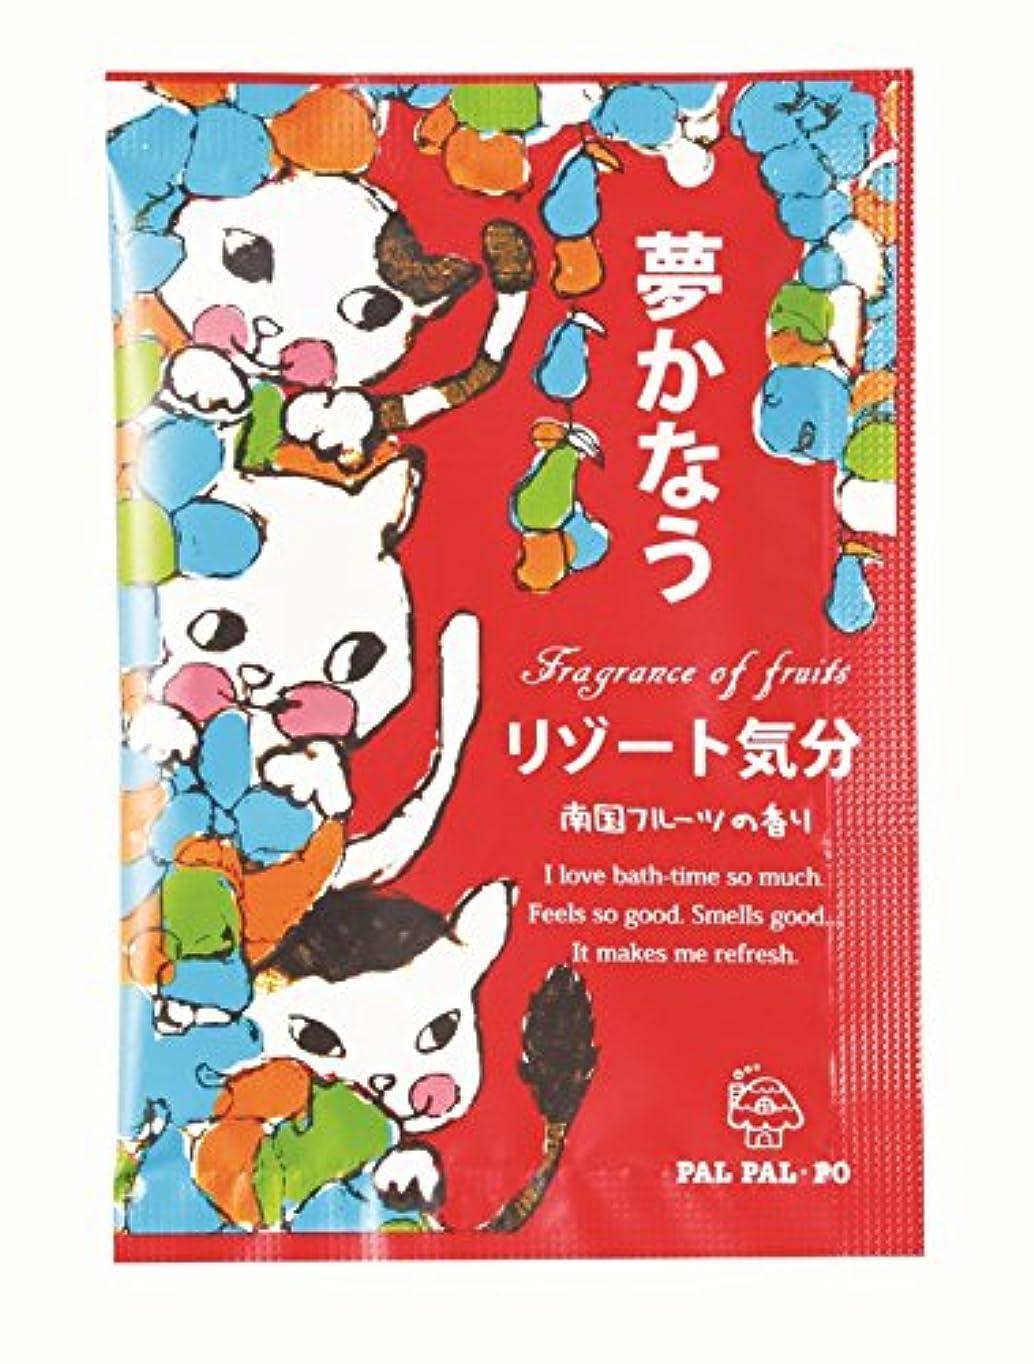 建物伝導有益な入浴剤 パルパルポ-(リゾ-ト気分 南国フル-ツの香り)25g ケース 200個入り